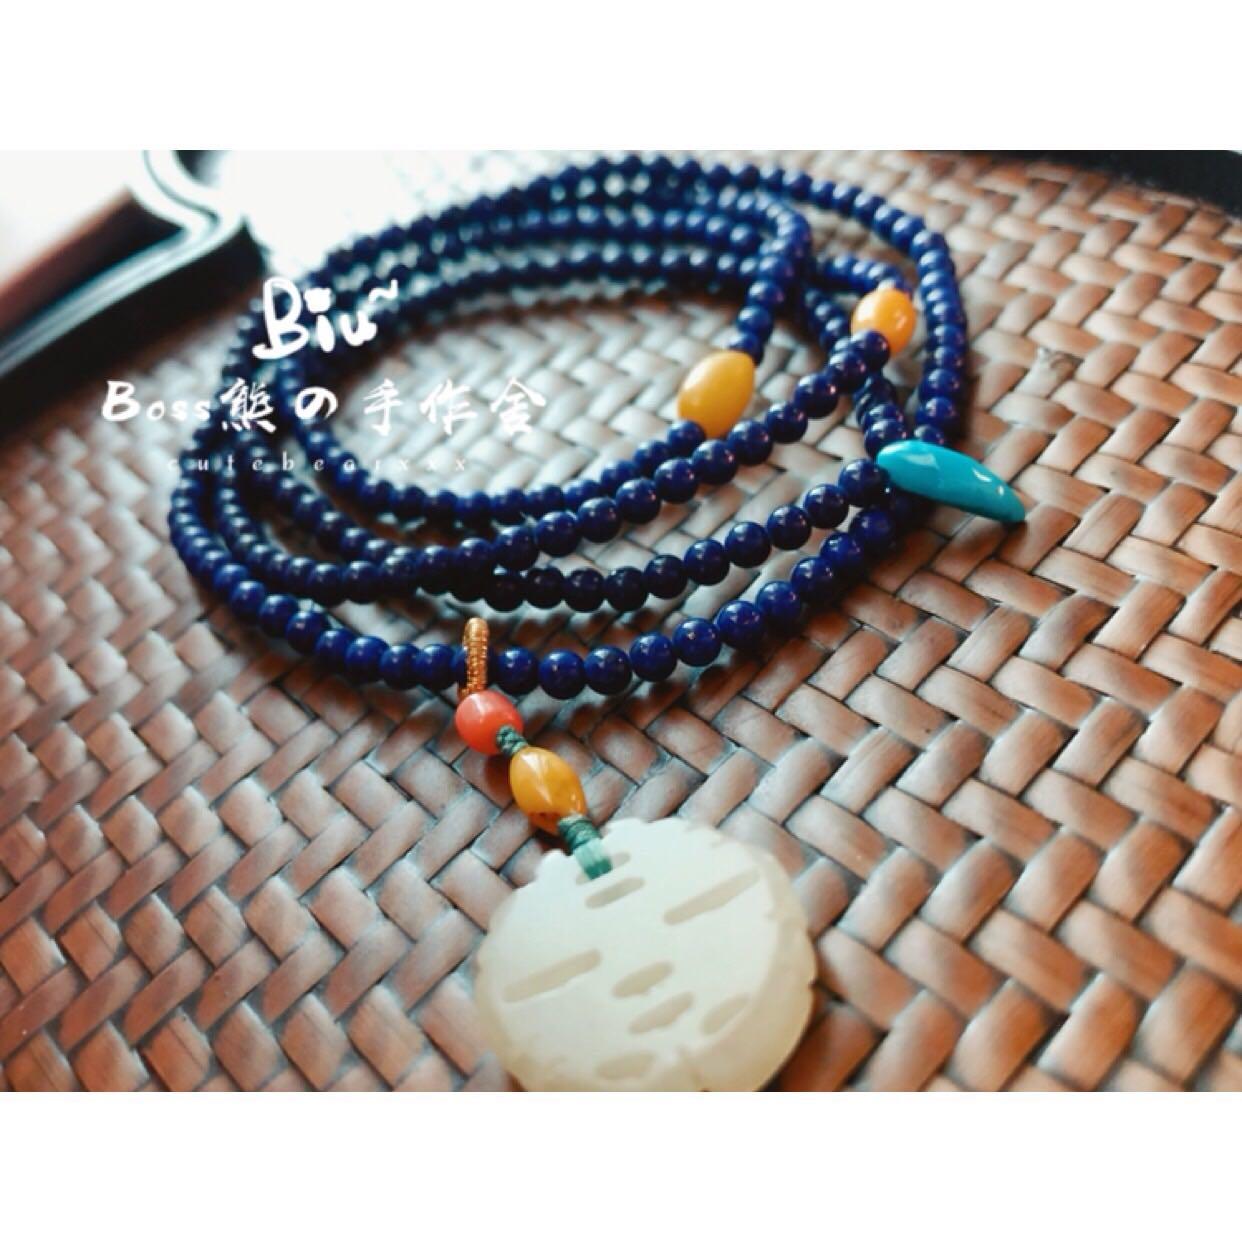 原创设计款帝王青金石小米珠四圈手串老蜜蜡和田玉绿松石多圈手链